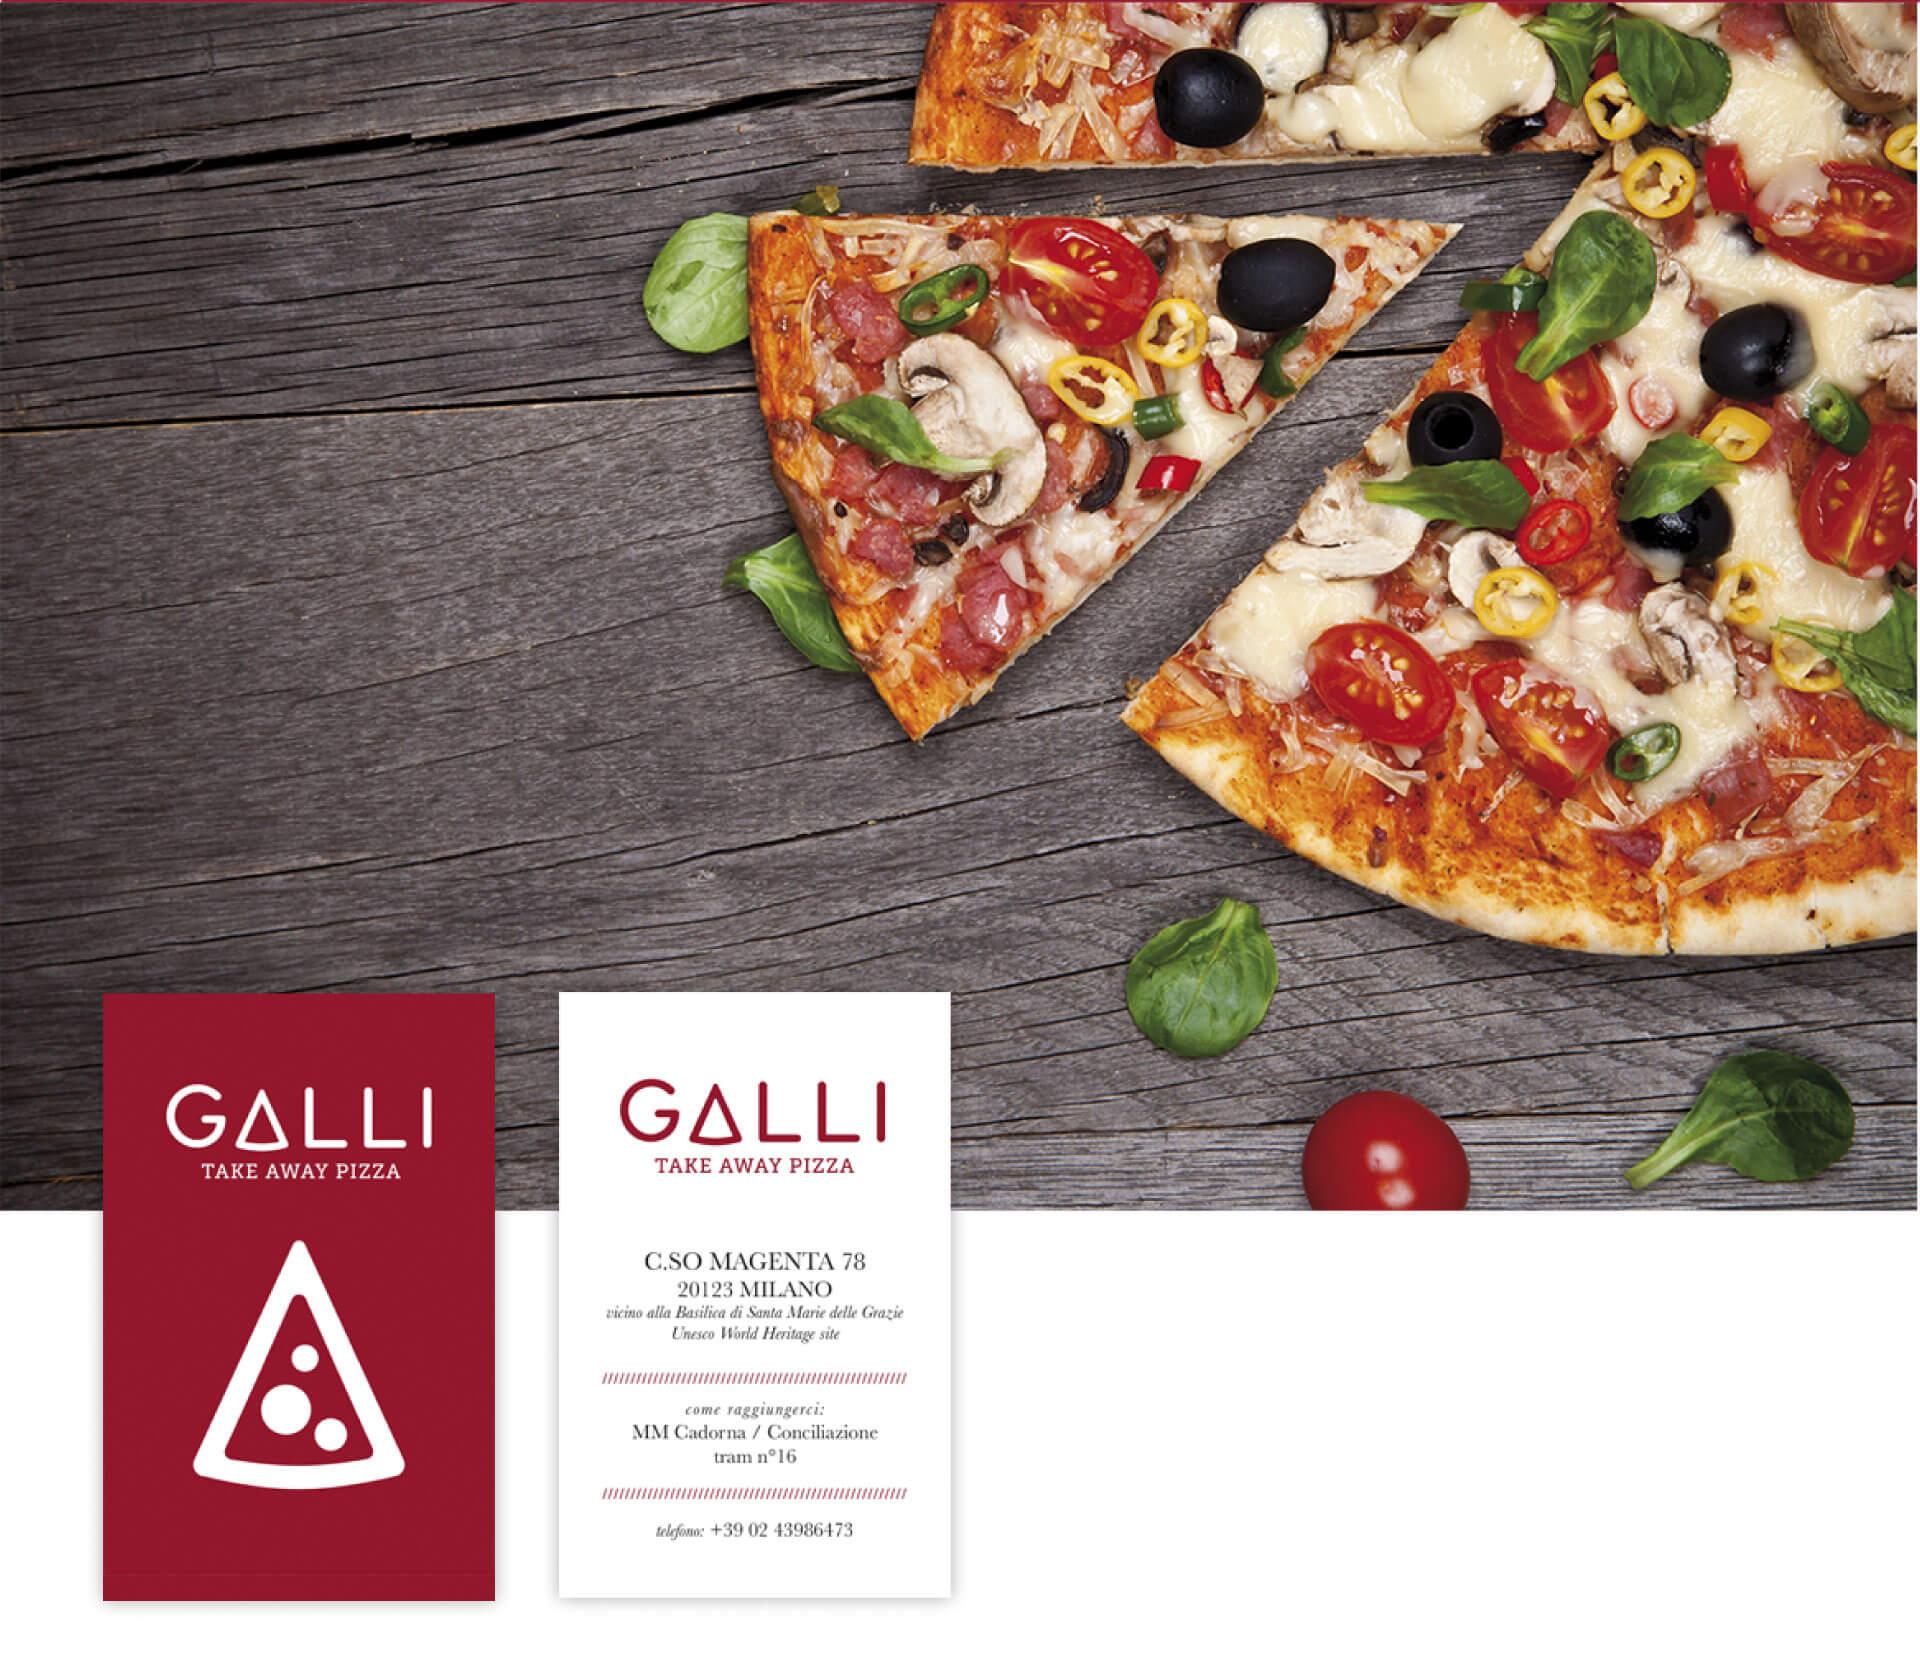 02-Galli-pizza-biglietto-da-visita